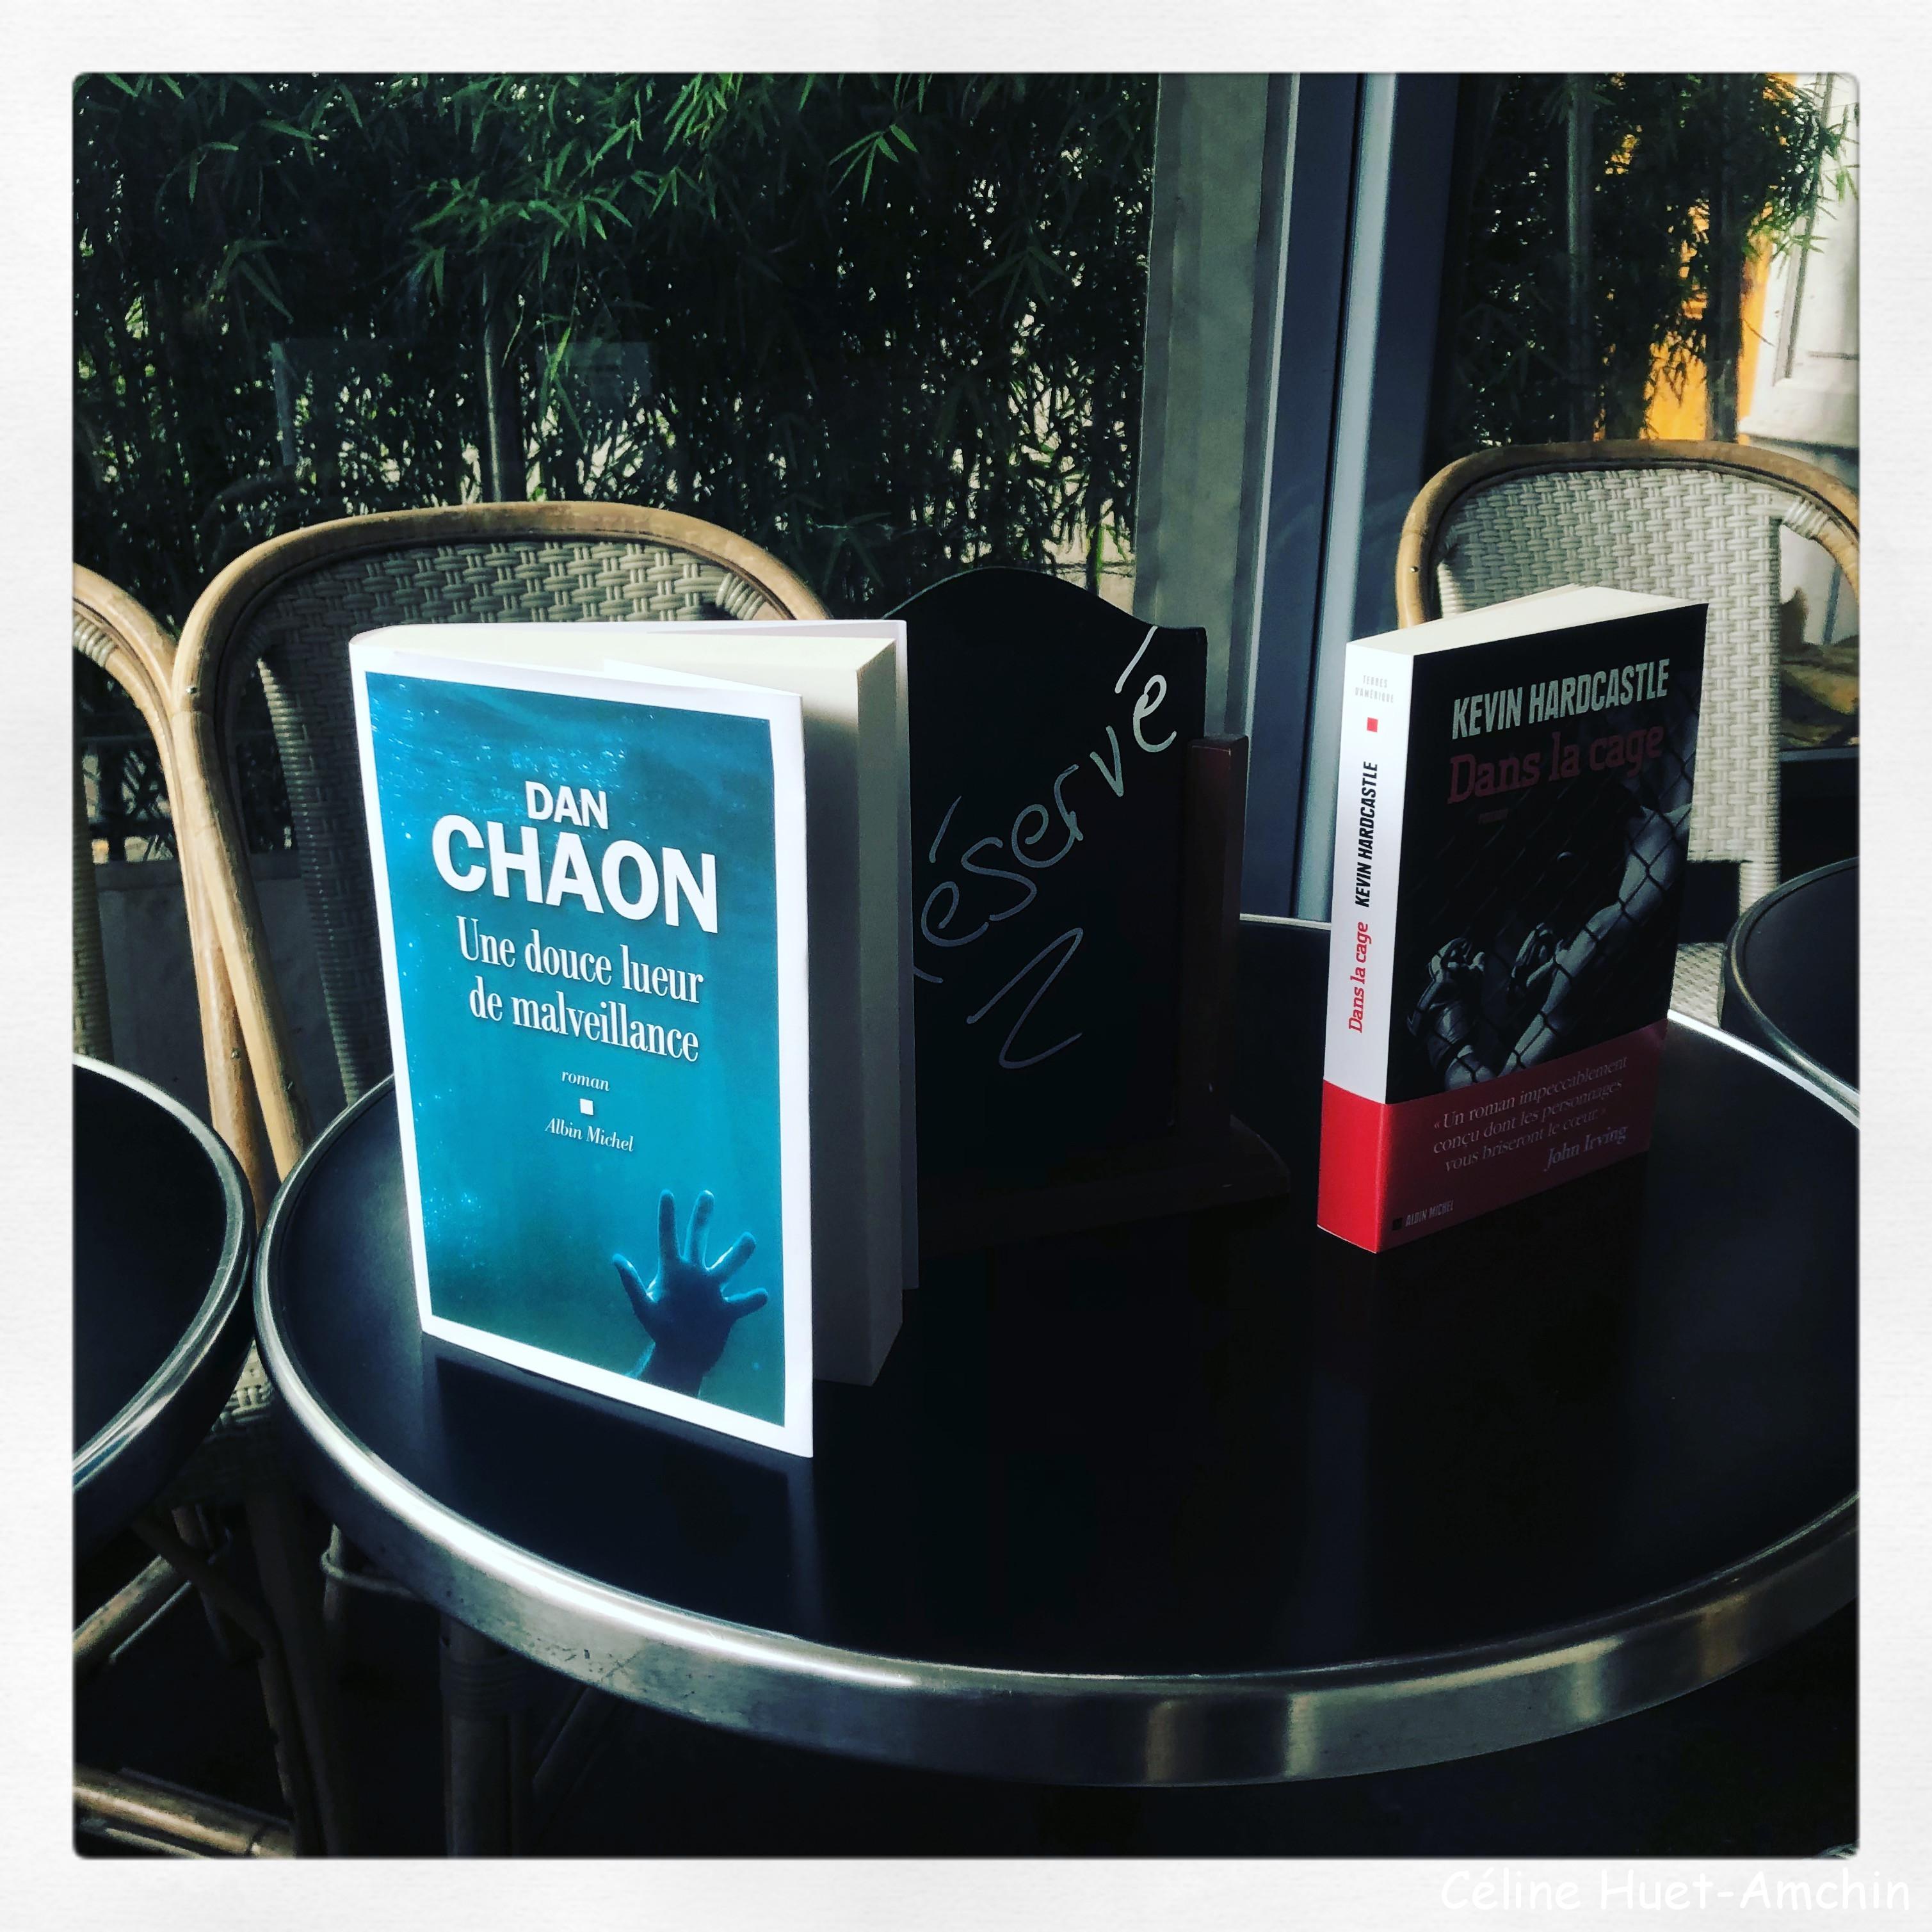 Rencontre Dan Chaon Kevin Hardcastle Editions Albin Michel Café de la Mairie 9e édition Festival America Vincennes